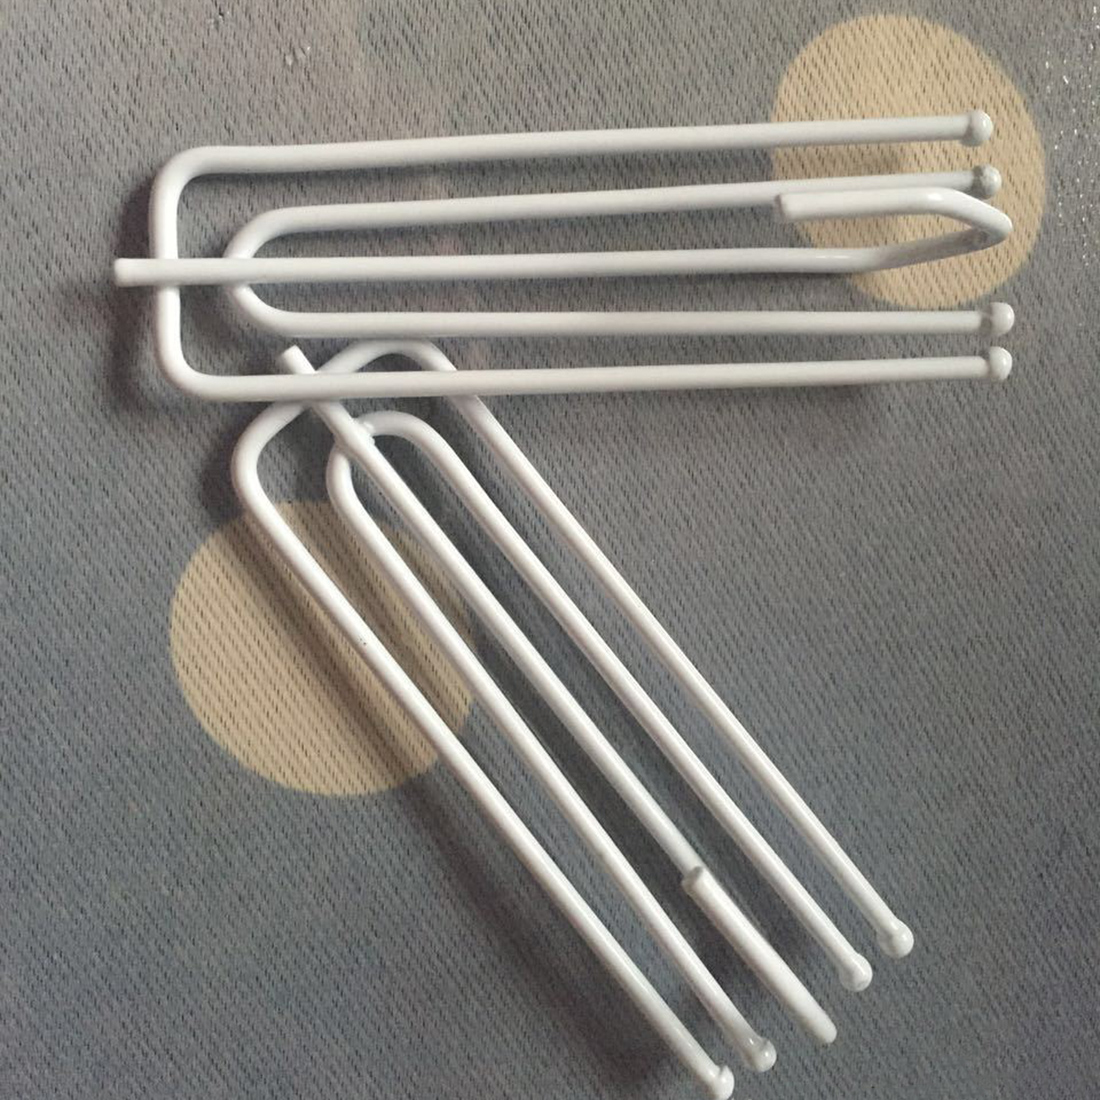 20 stks anti roest roestvrij gordijn haken 4 voeten synthese metalen diy gordijn houder accessoires haken voor gordijn polen in 20 stks anti roest roestvrij